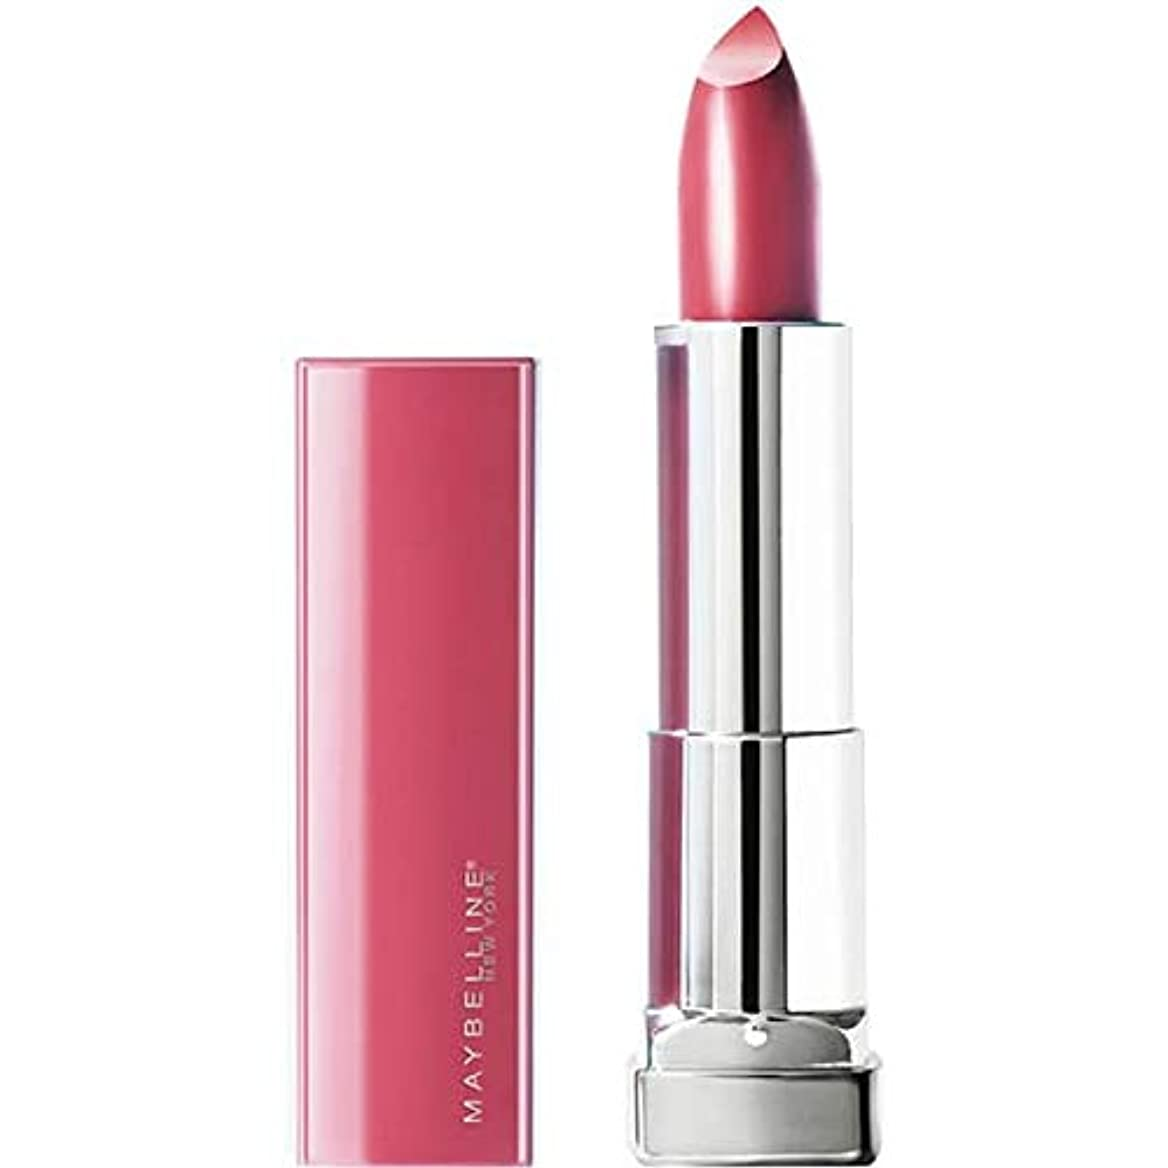 殺人者悪党ルビー[Maybelline ] メイベリンの色はセンセーショナルな私のためにすべての376ピンクのために作られました - Maybelline Color Sensational Made For All 376 Pink For Me [並行輸入品]